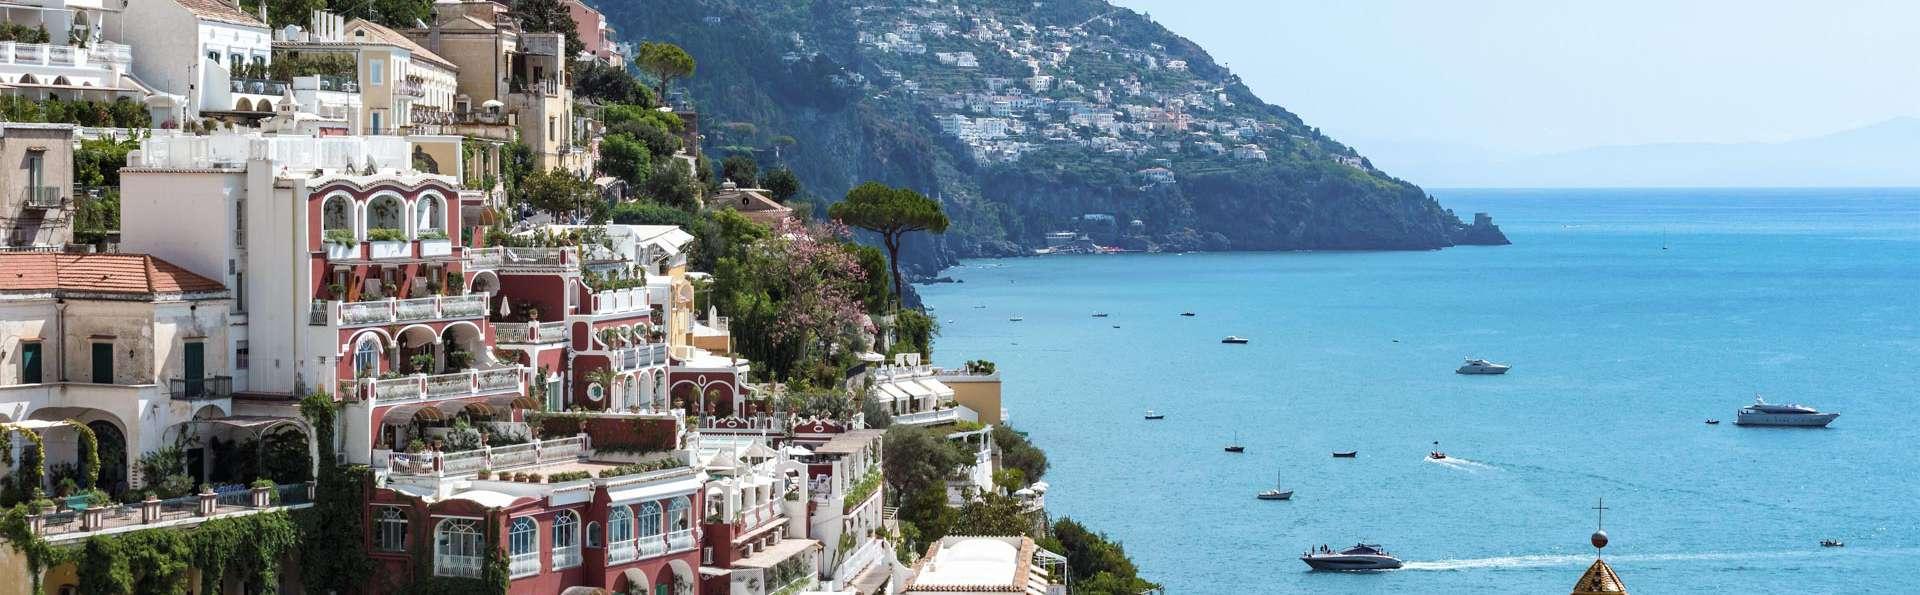 Vacances en Campanie : entre Salerne et Pompéi, en chambre Deluxe, dans un complexe touristique 4 étoiles